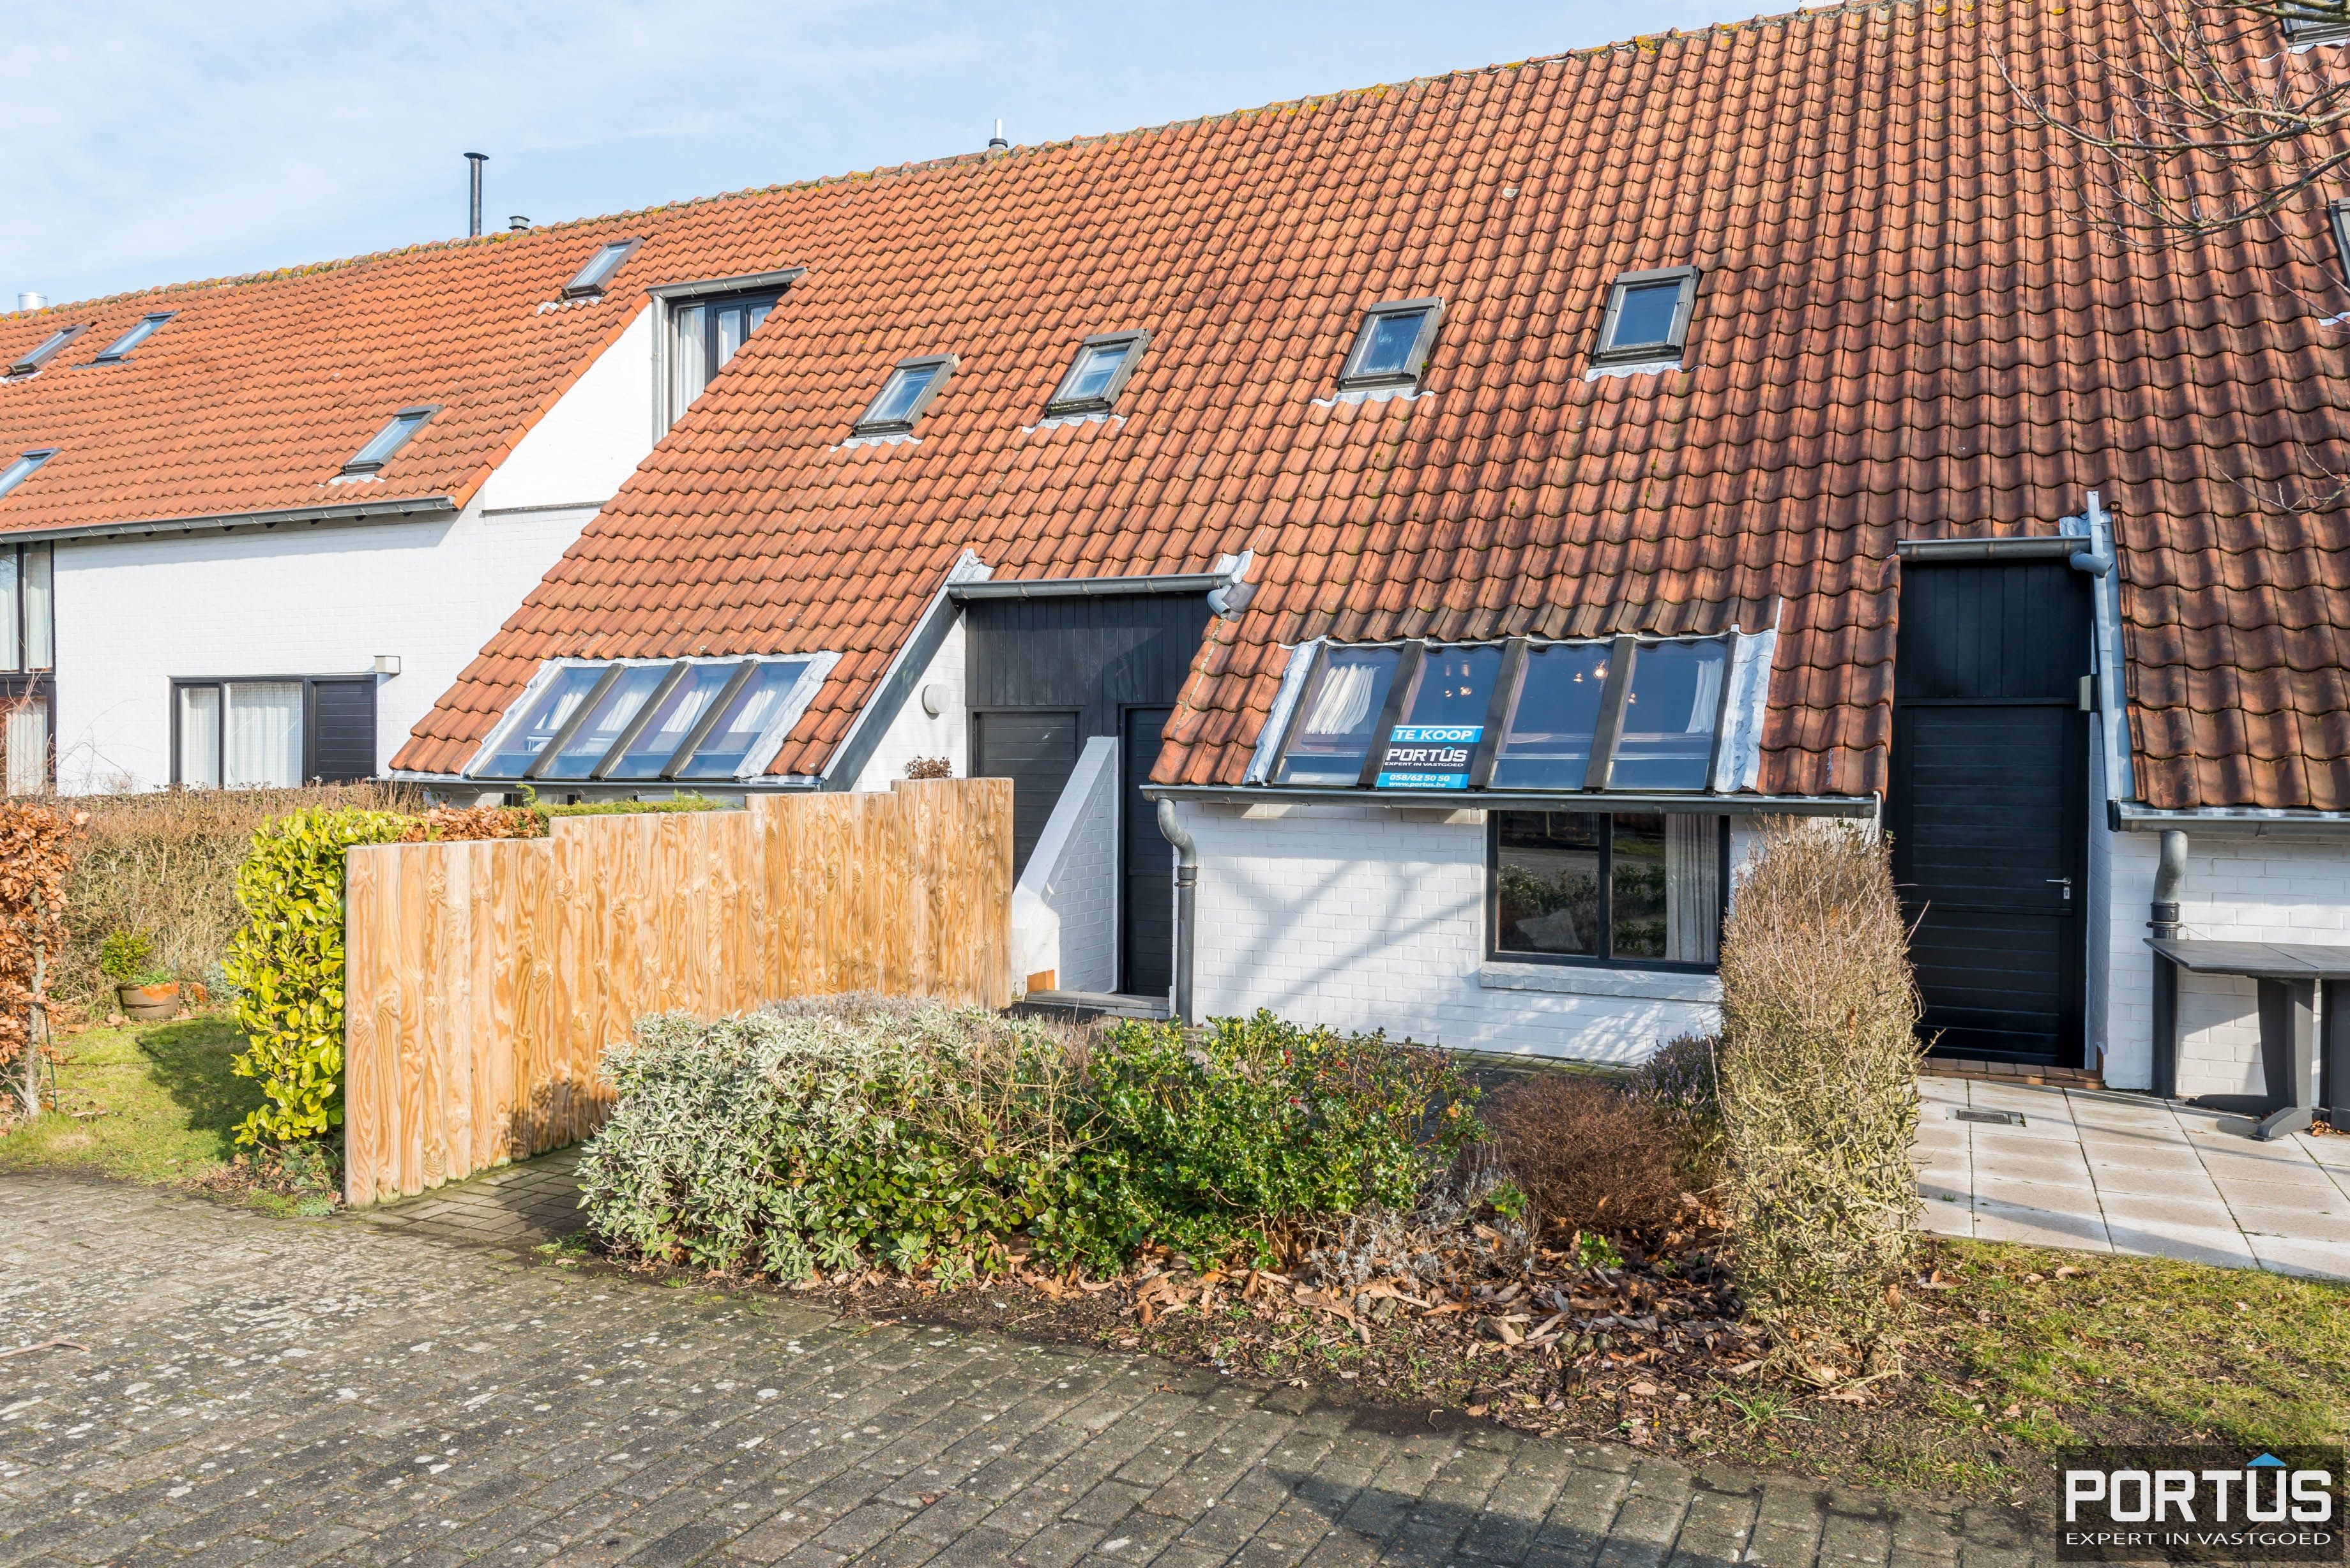 Woning te koop Nieuwpoort 4 slaapkamers en parking - 5595